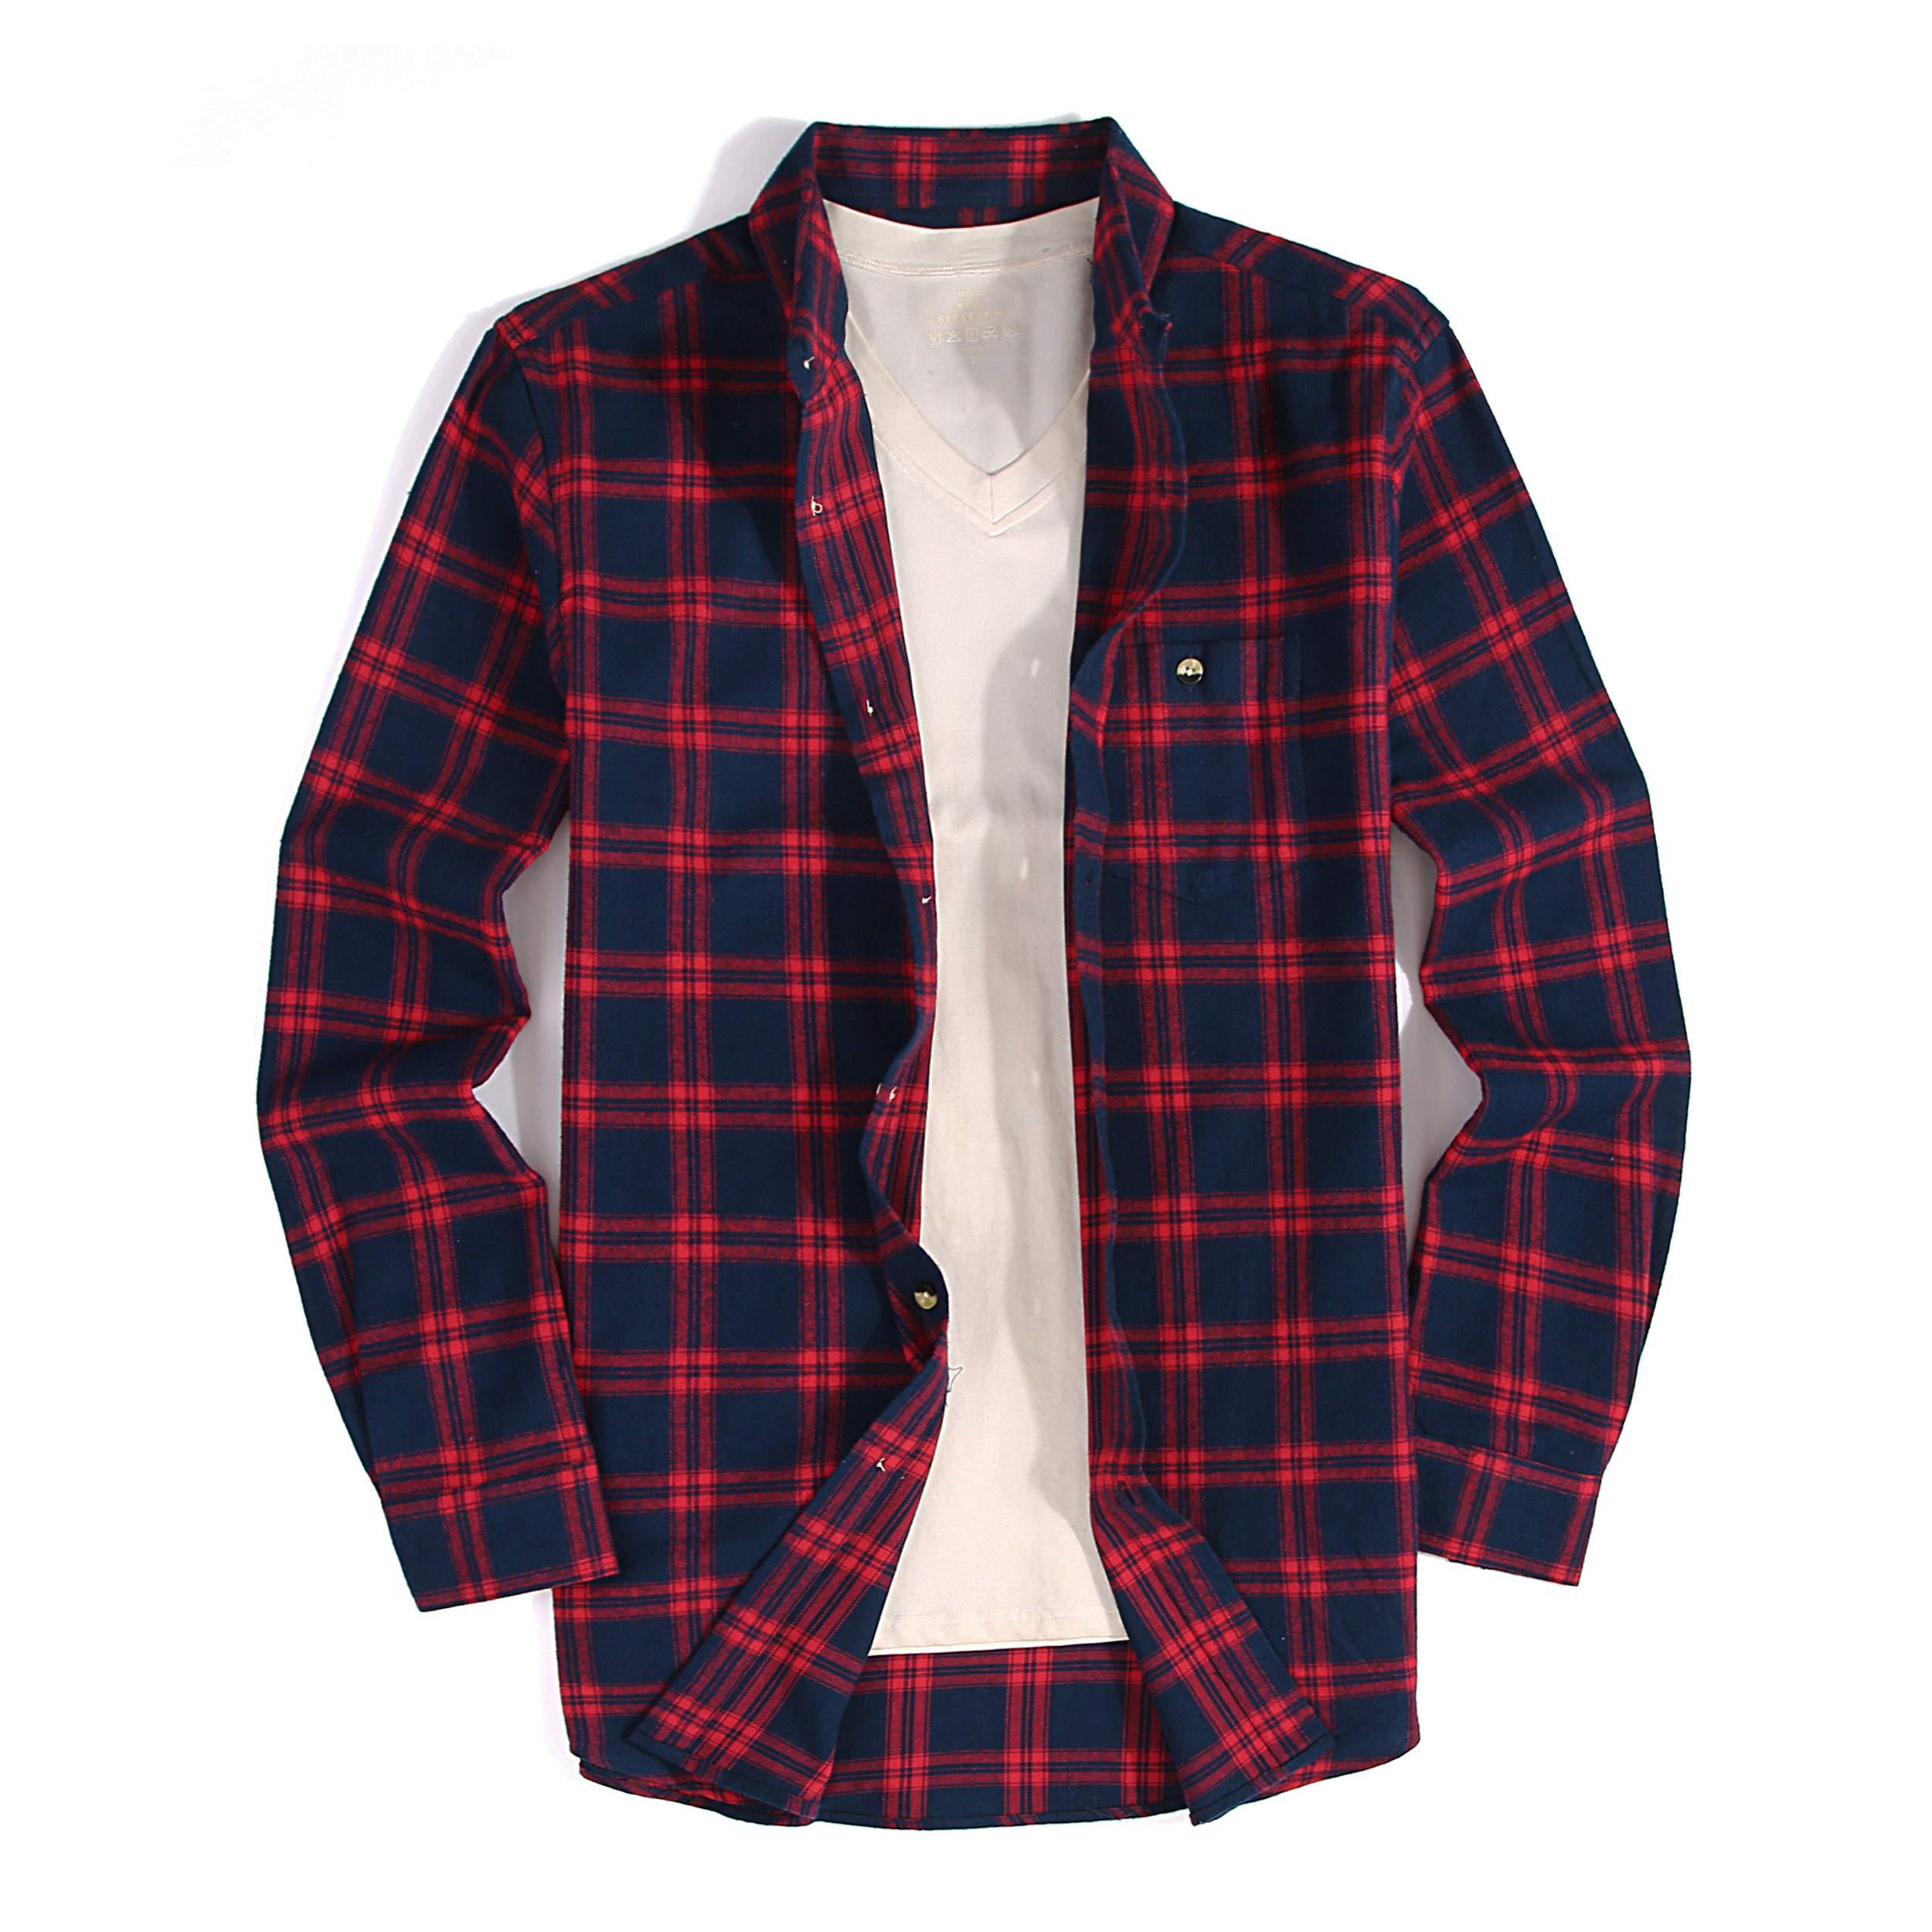 b93fb48dae9 Alex Vando Mens Casual Button Down Shirts Modern Fit Flannel Shirt ...